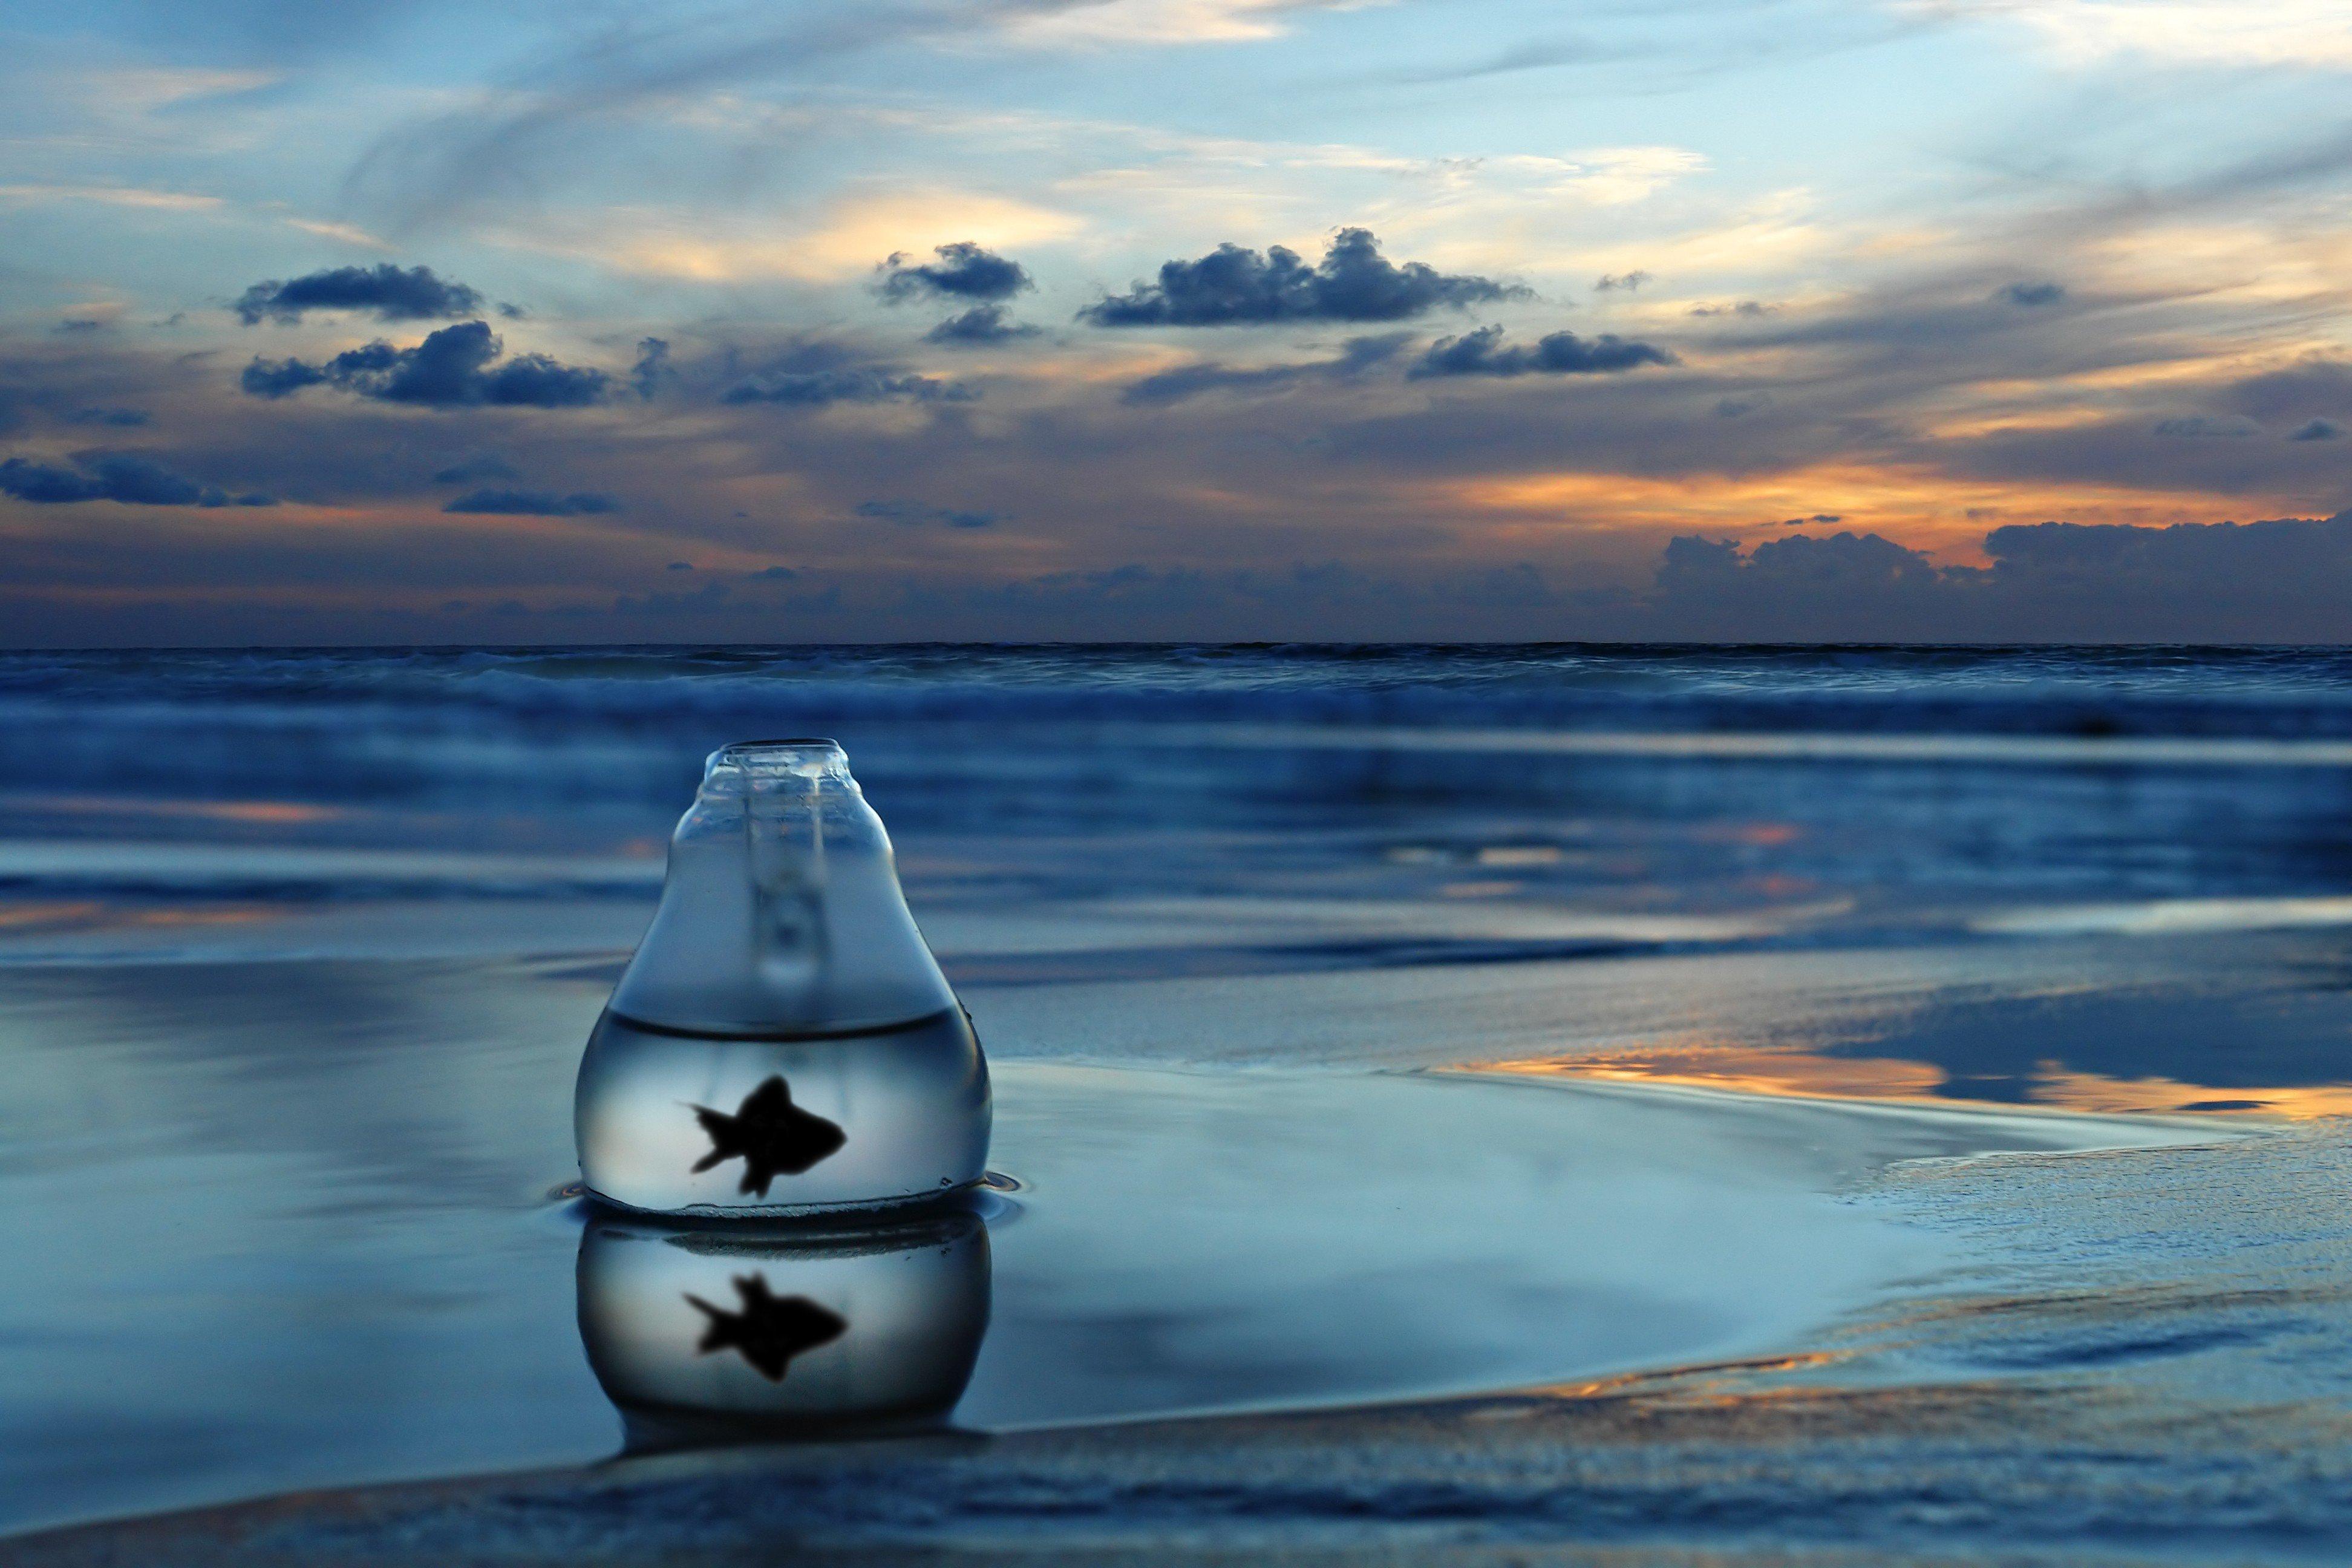 Ảnh đại dương cô đơn